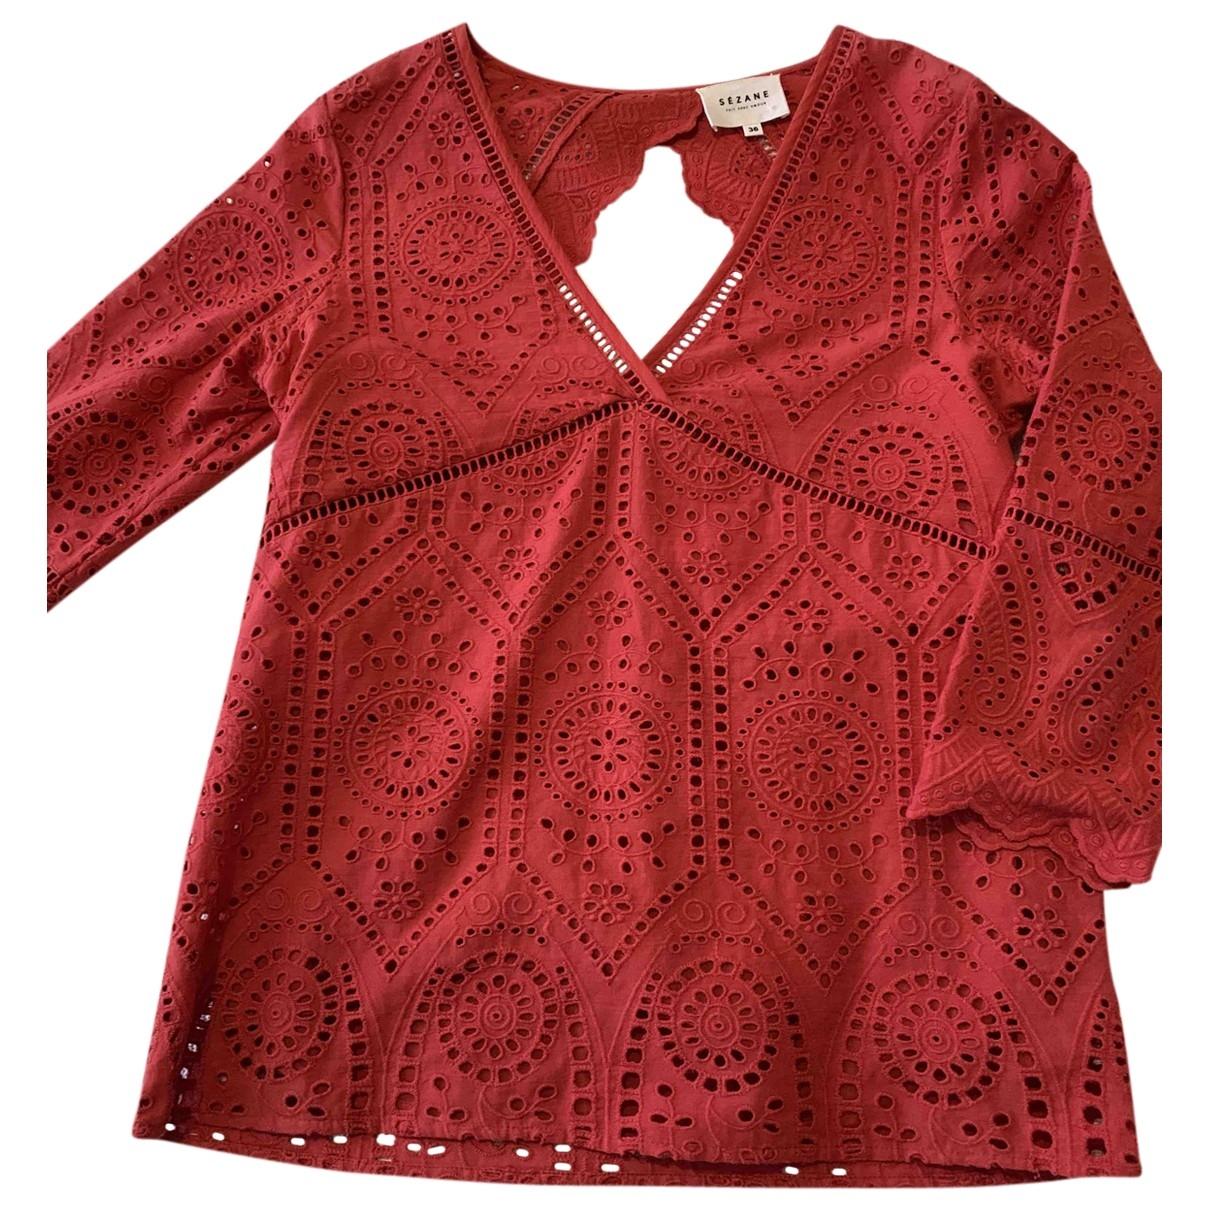 Sezane \N Top in  Rot Baumwolle